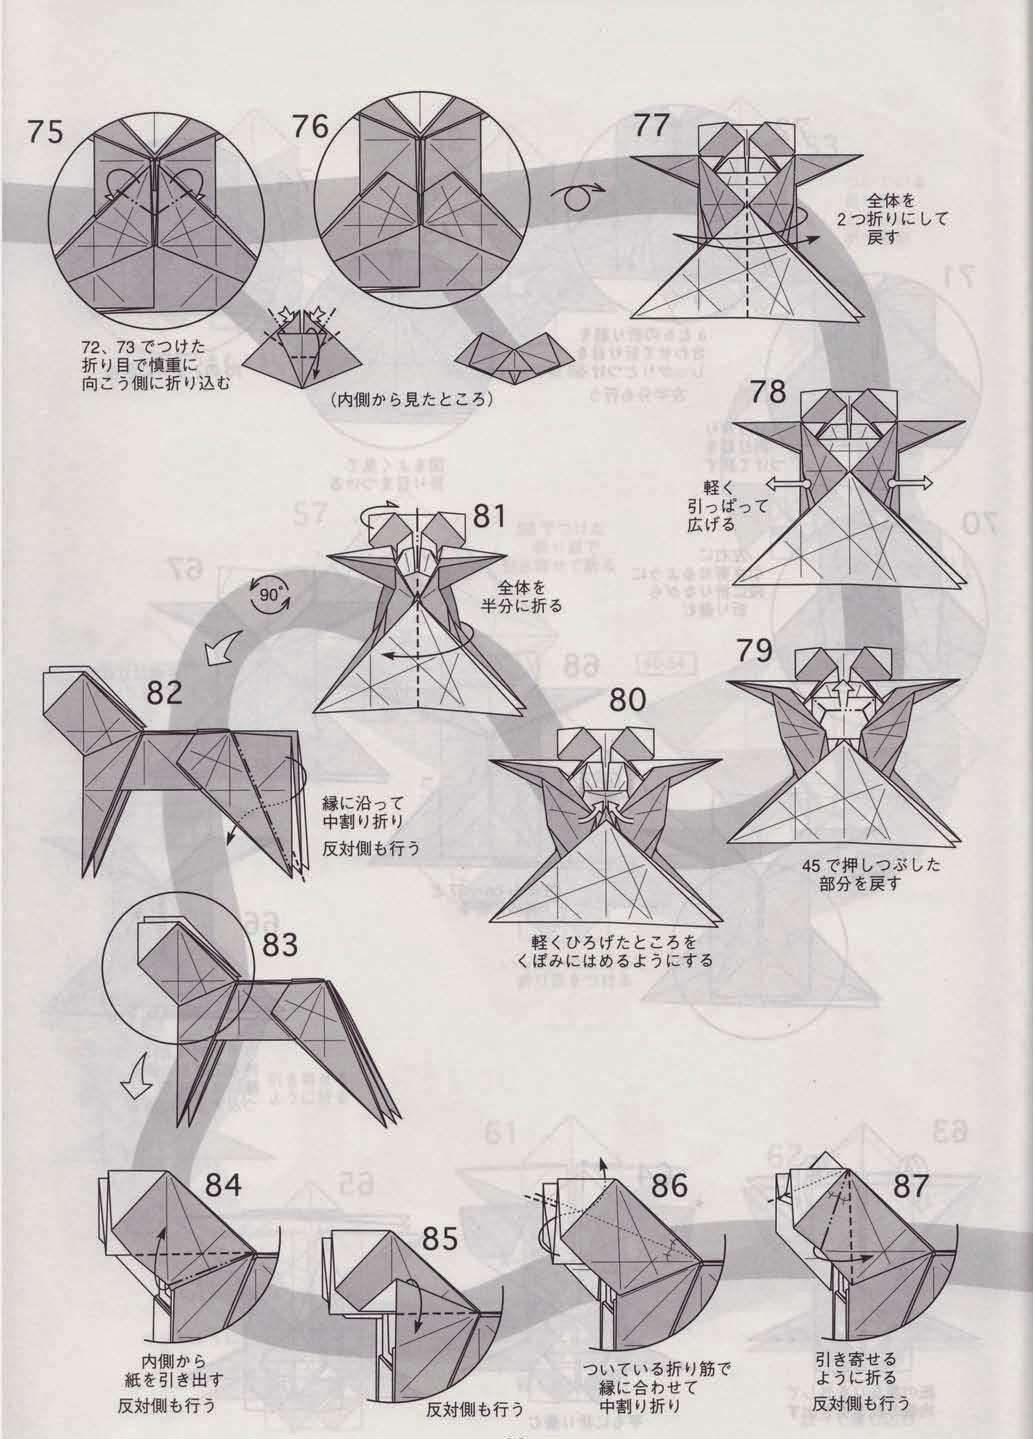 El arte del Origami: Caballo diseñado por Komatsu Hideo - photo#28